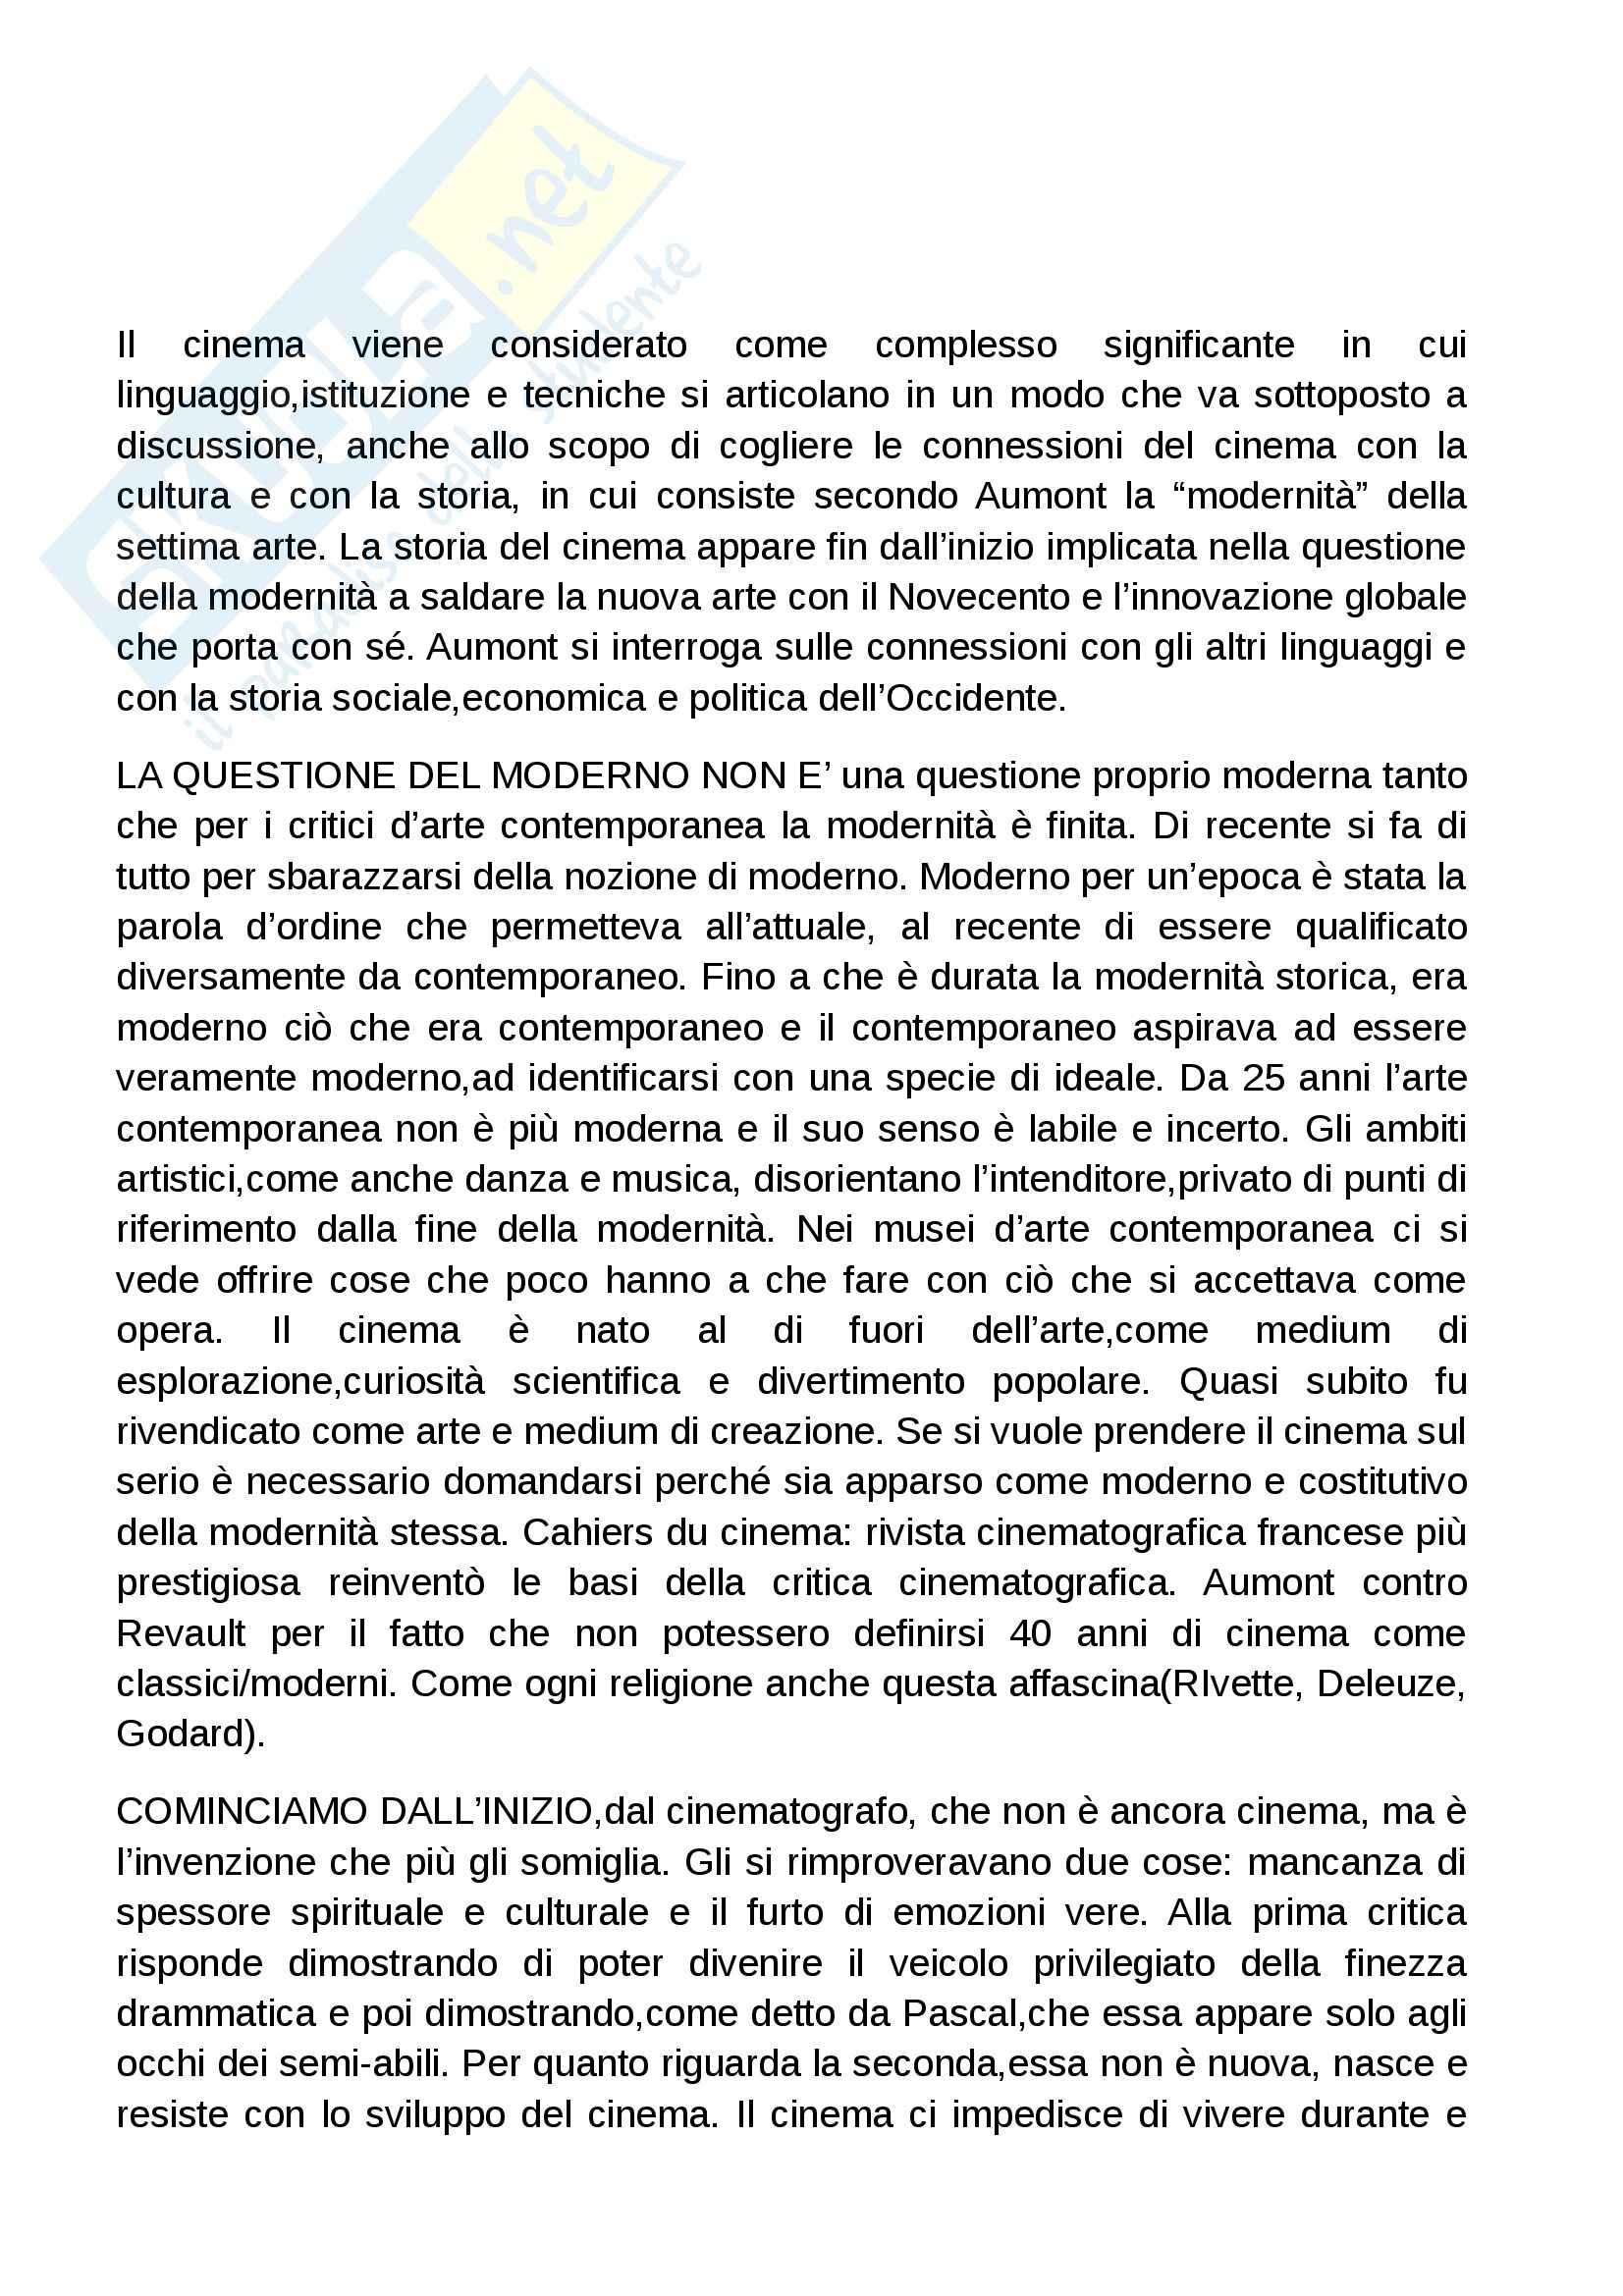 Riassunto esame Cinema, prof. Cervini, libro consigliato Moderno, Come il cinema diventato la più singolare delle arti, Aumont